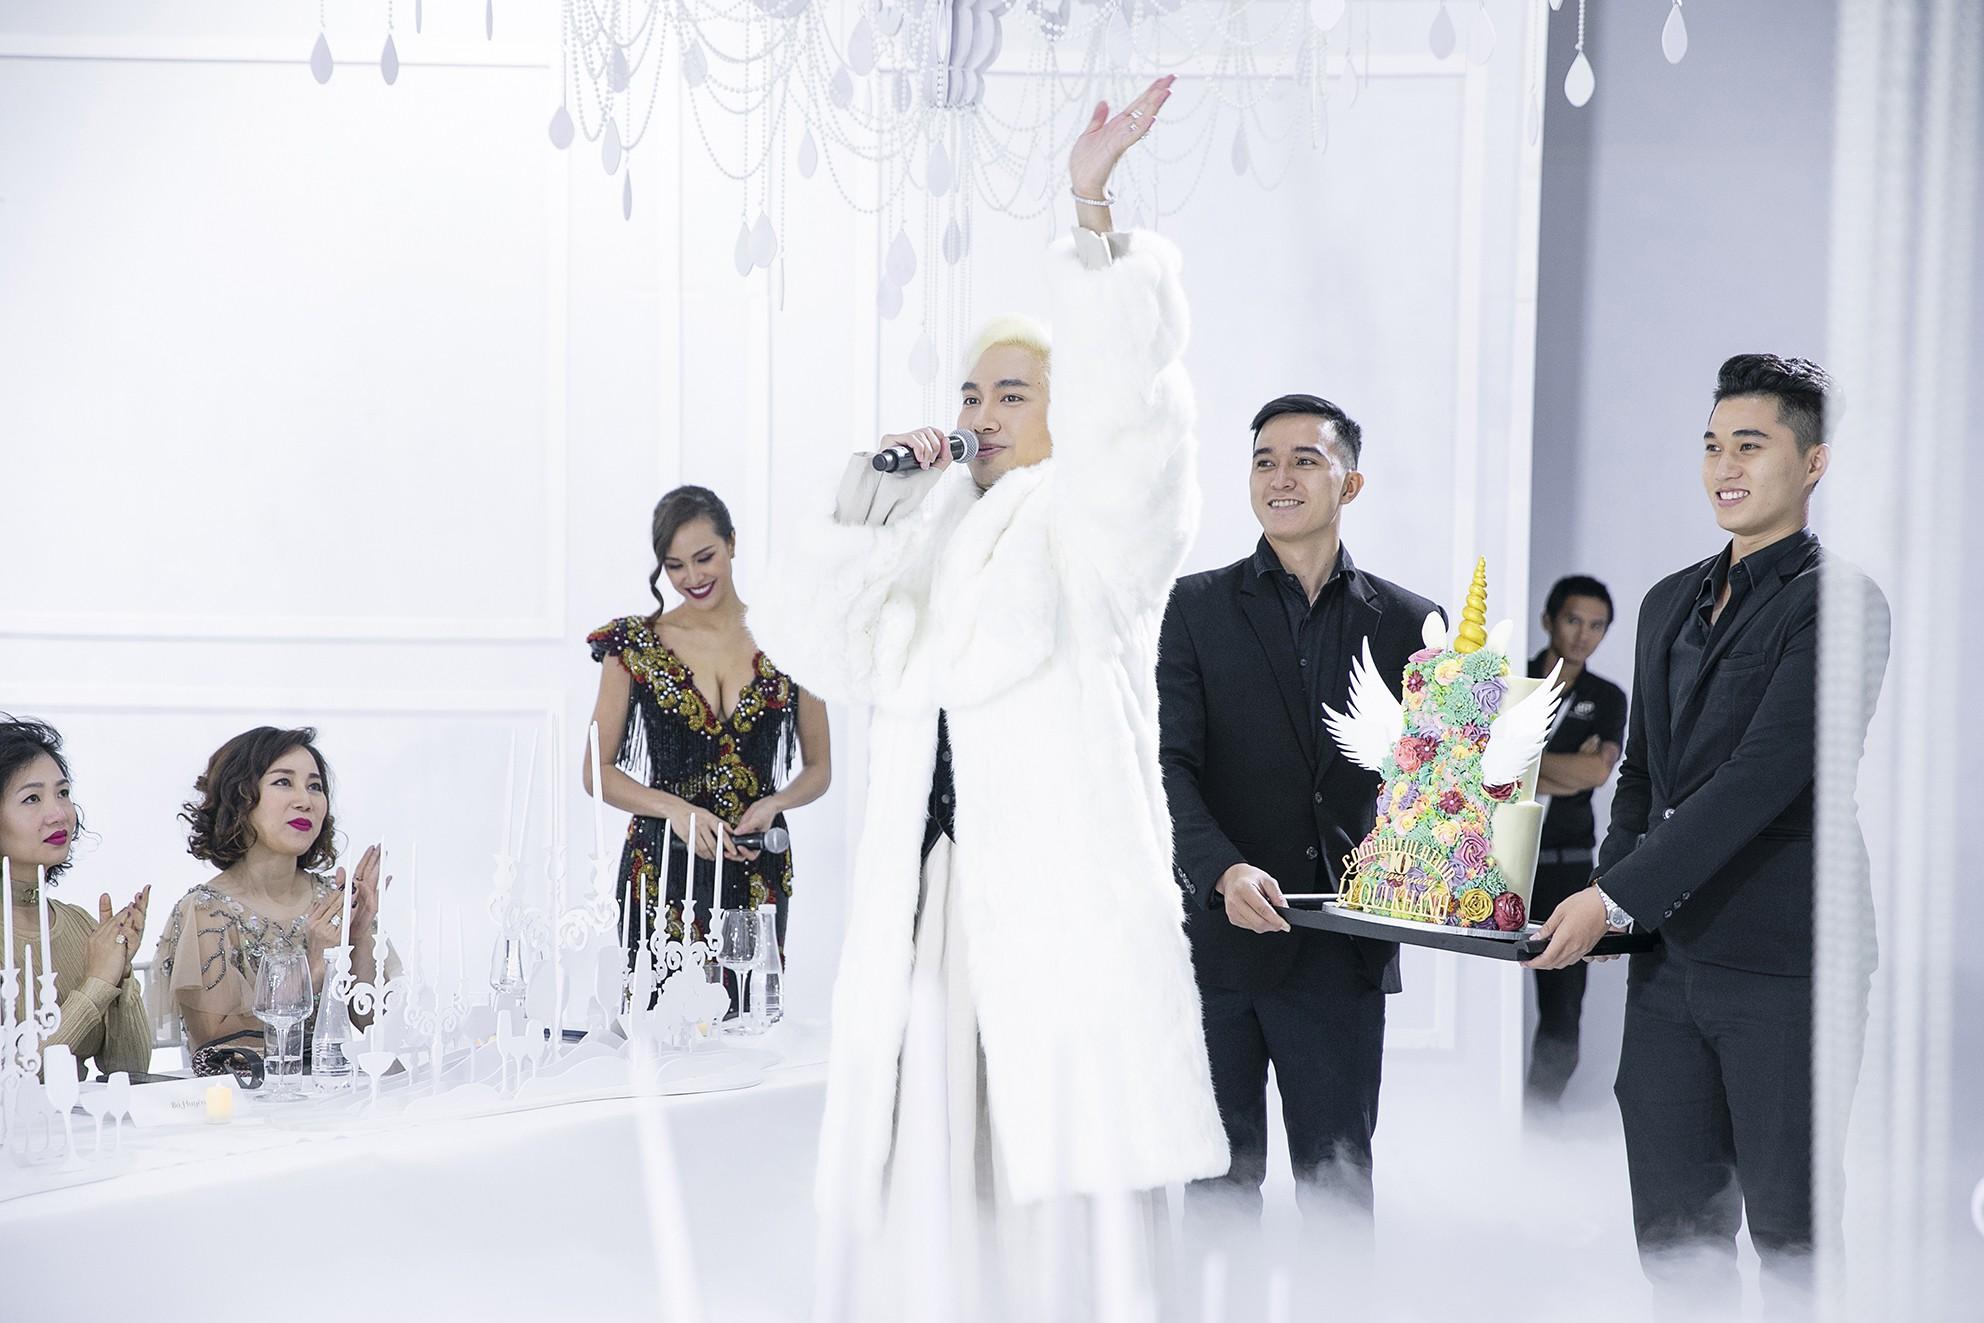 Bật mí hậu trường thú vị trong show đình đám gây tiếng vang của Lý Quí Khánh - Ảnh 9.